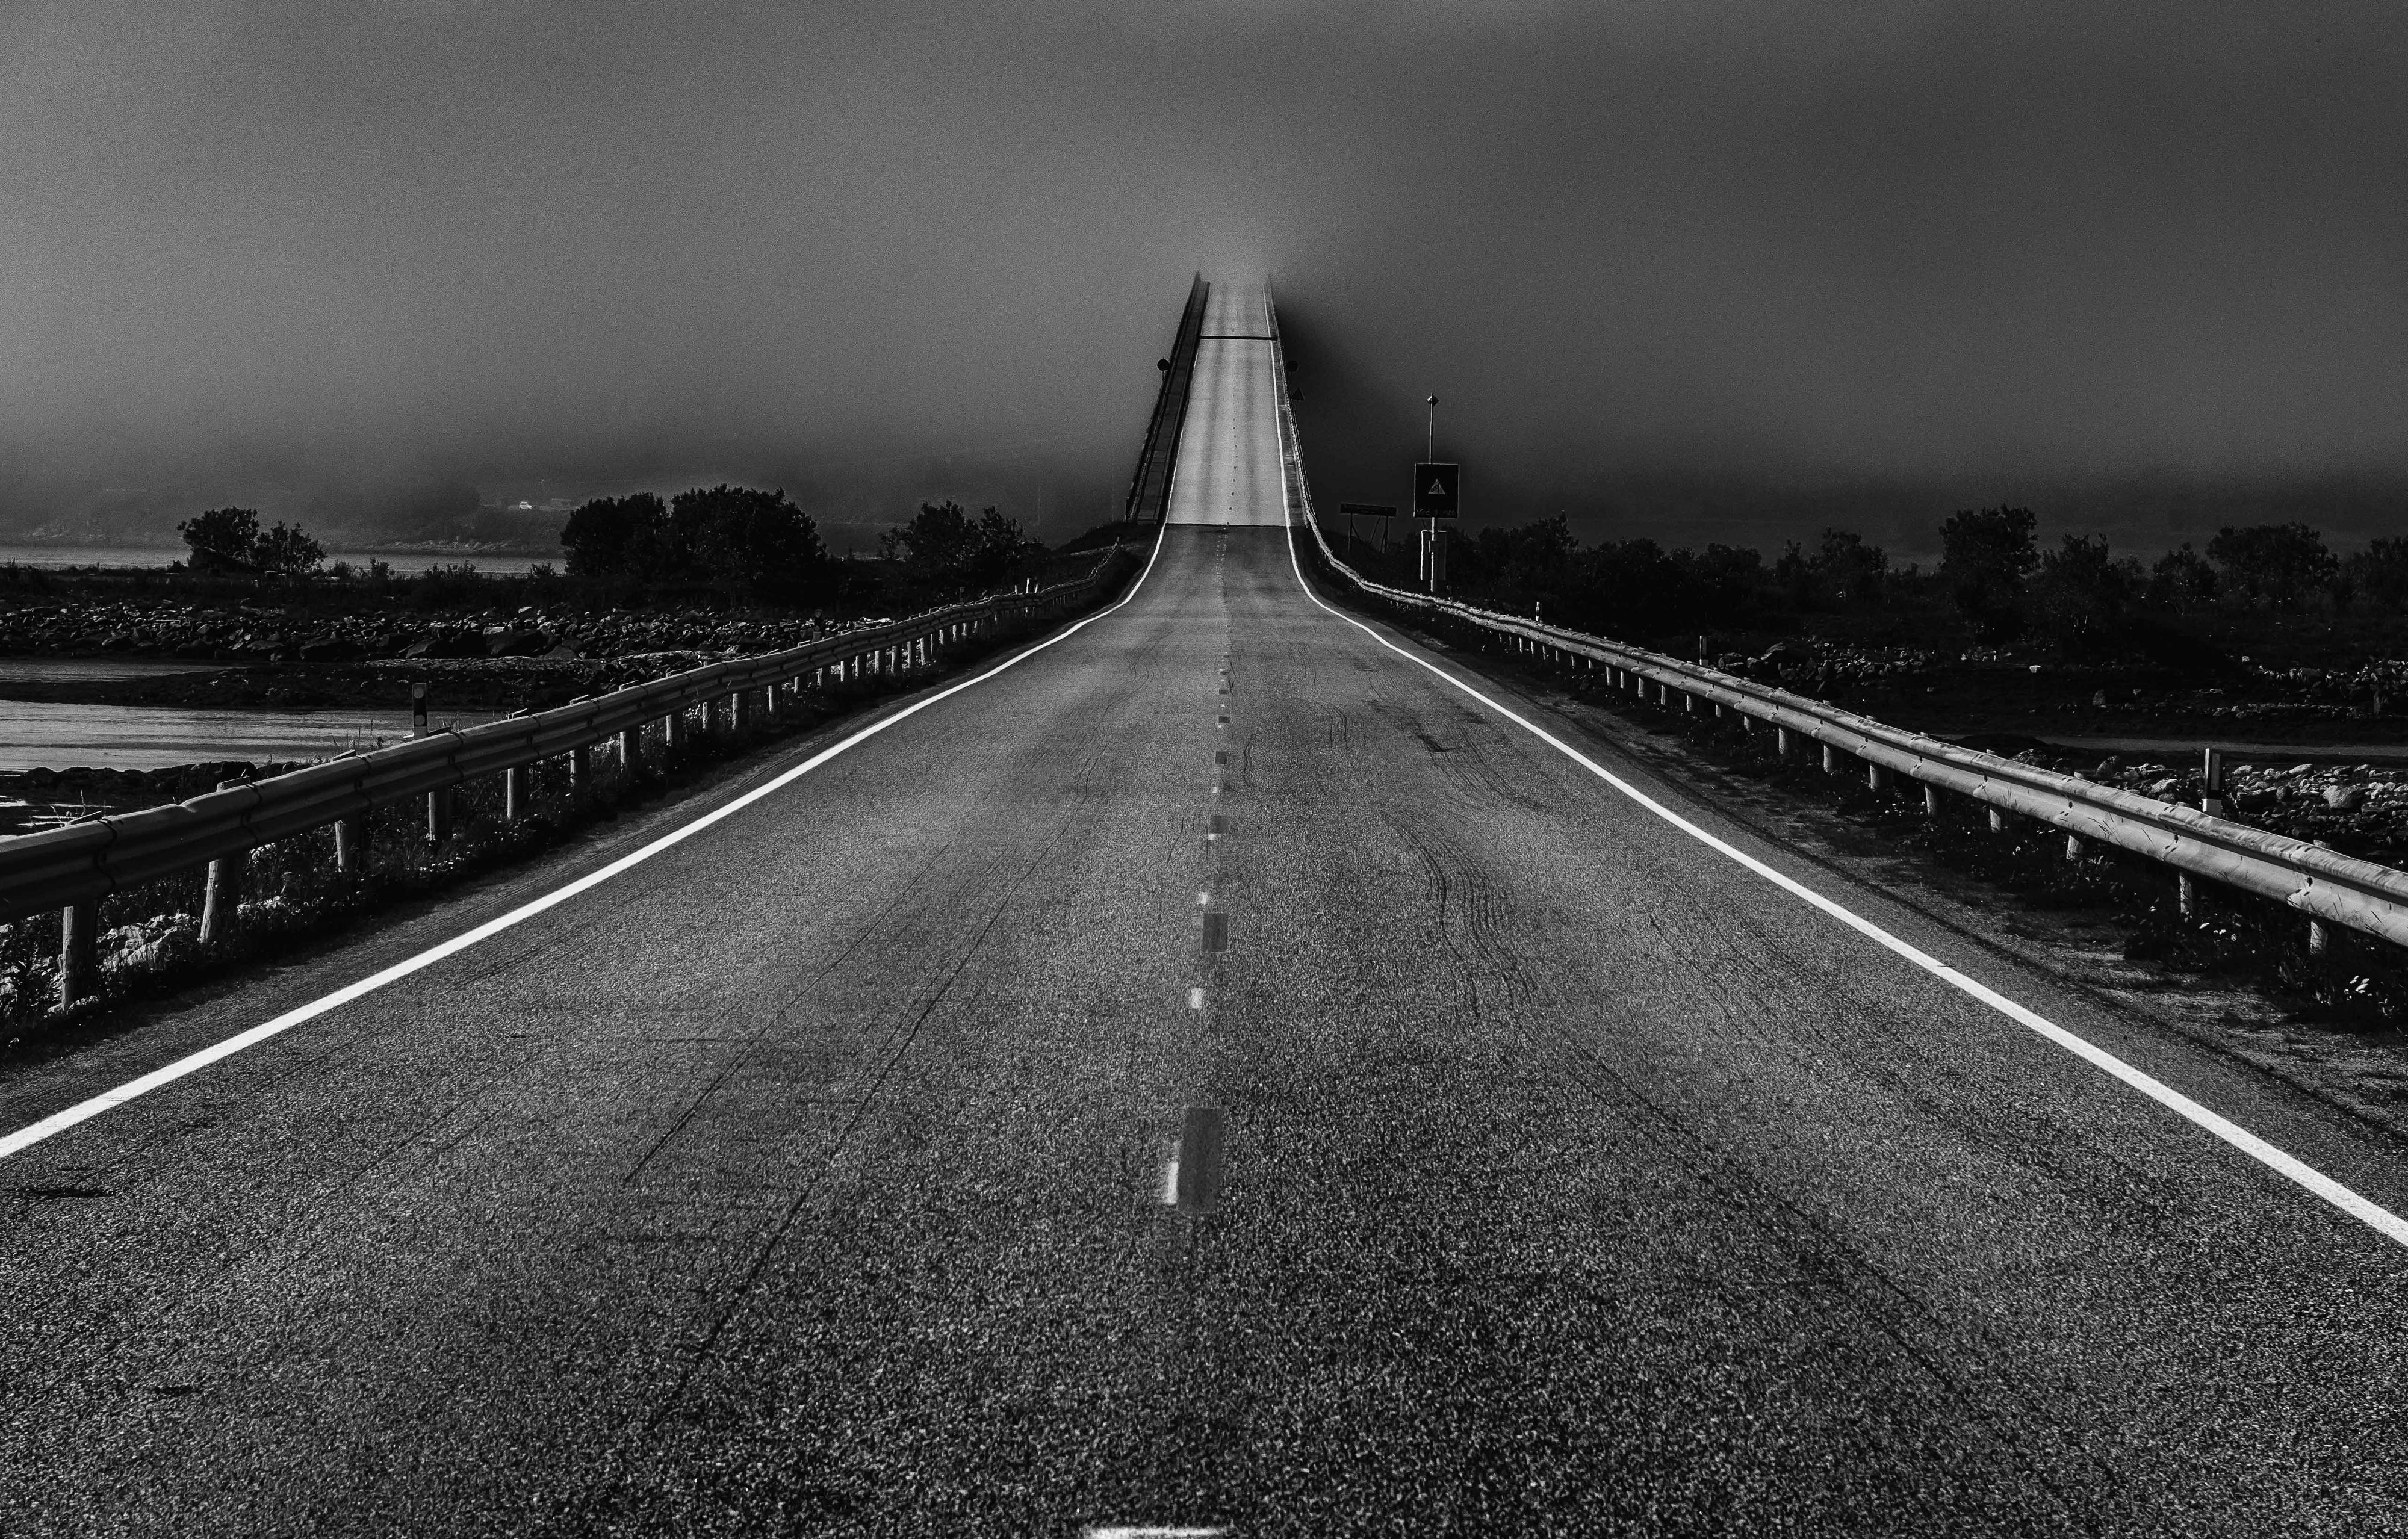 Broens tankespill